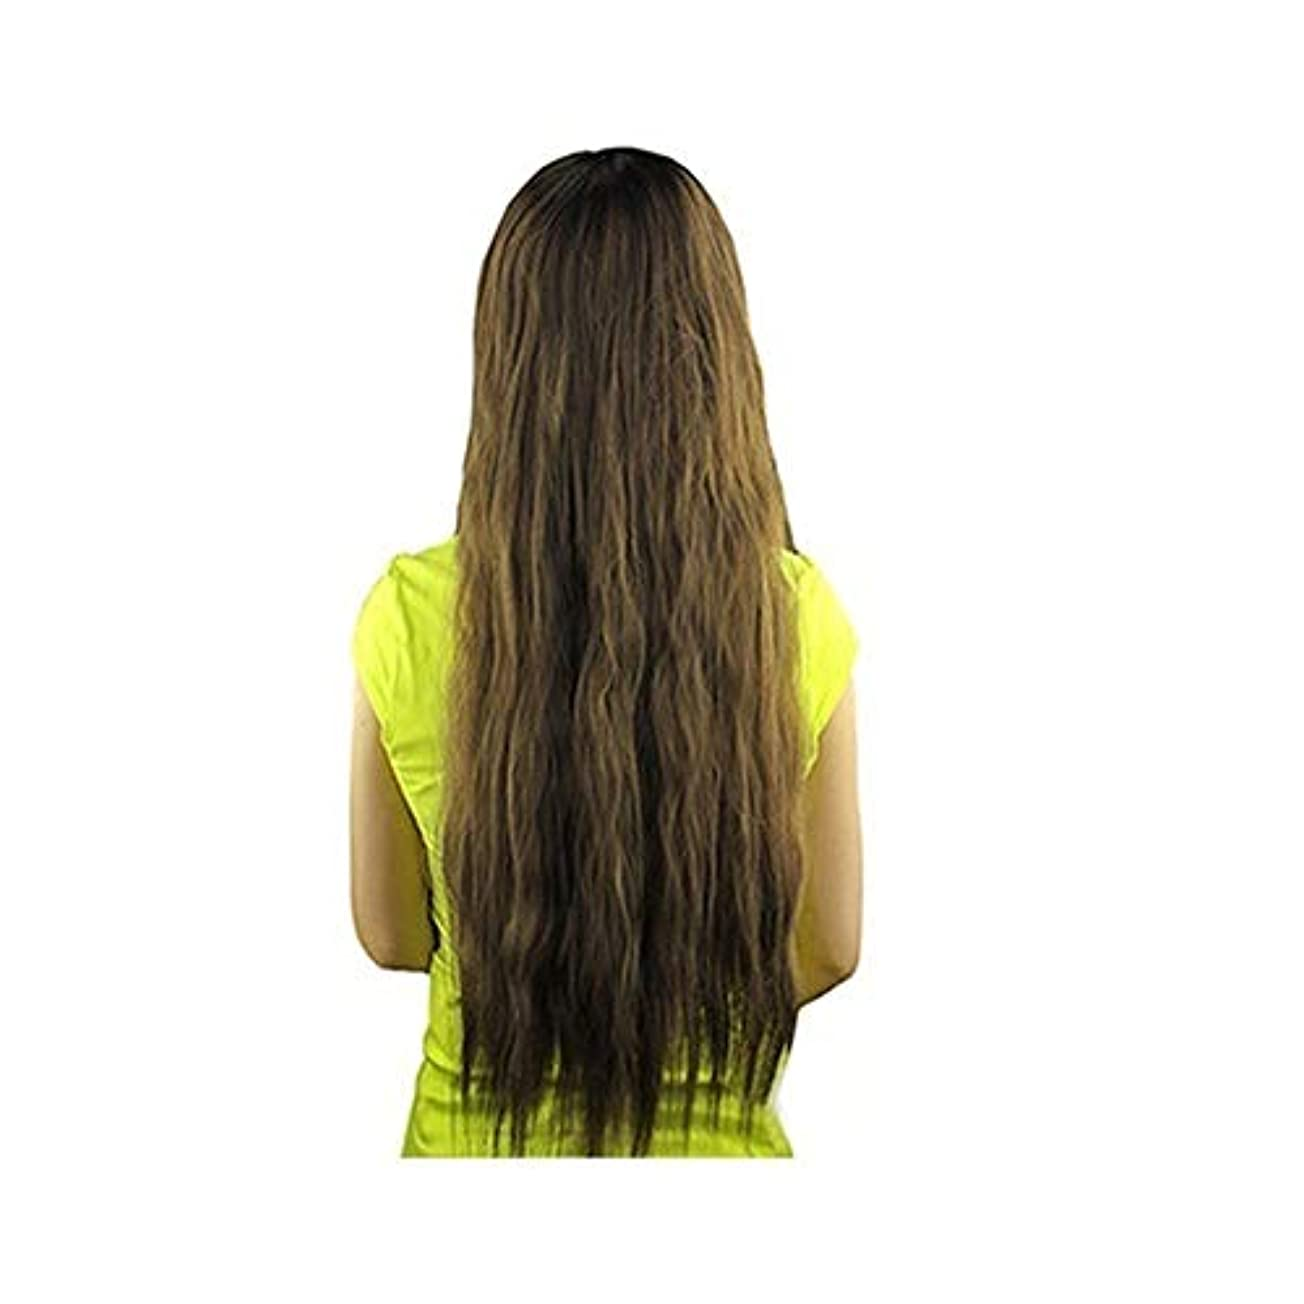 頻繁に外国人ネットslQinjiansav女性ウィッグ修理ツール女性長波状バング髪ウィッグ耐熱パーティーコスプレ合成ヘアピース